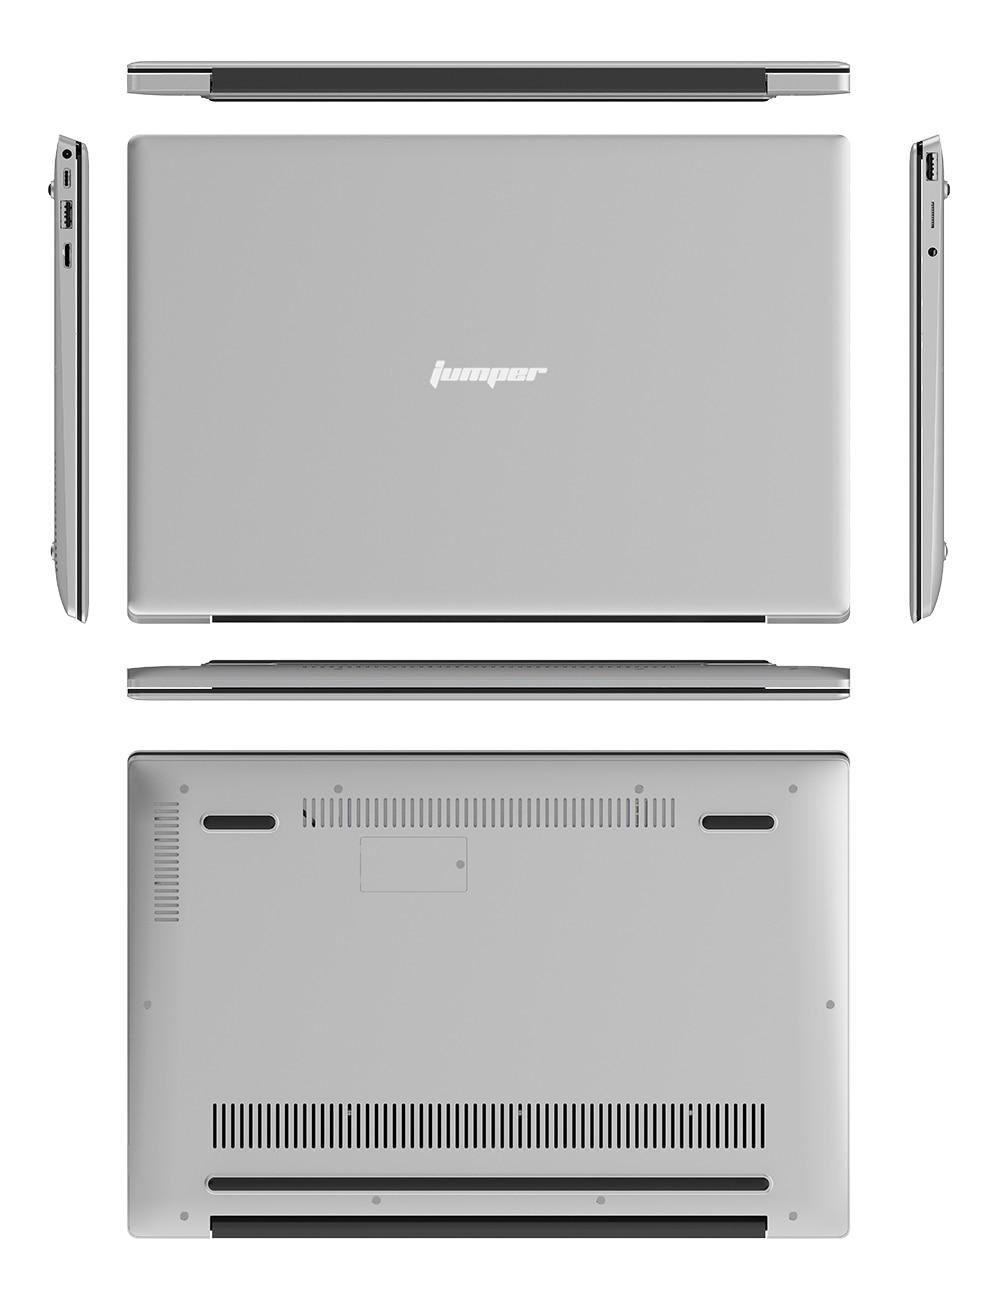 Jumper EZbook X4 Pro Laptop (13)